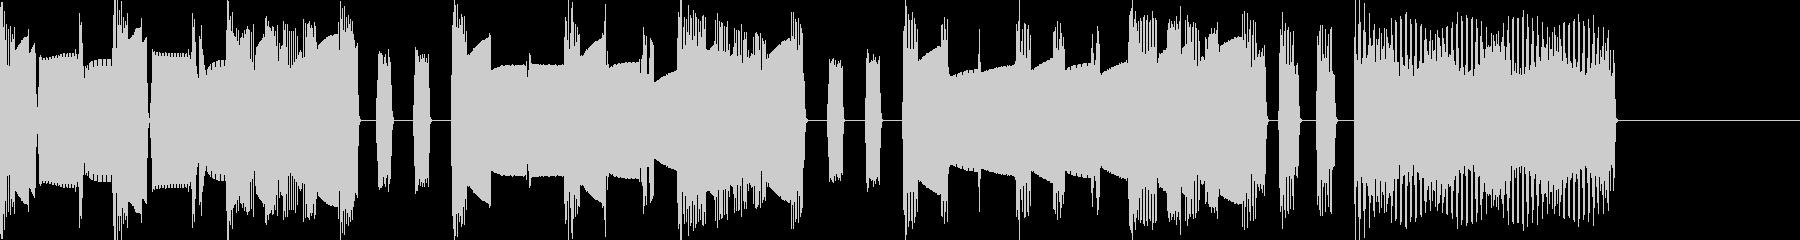 マリオ風ファミコン曲 ステージクリアの未再生の波形